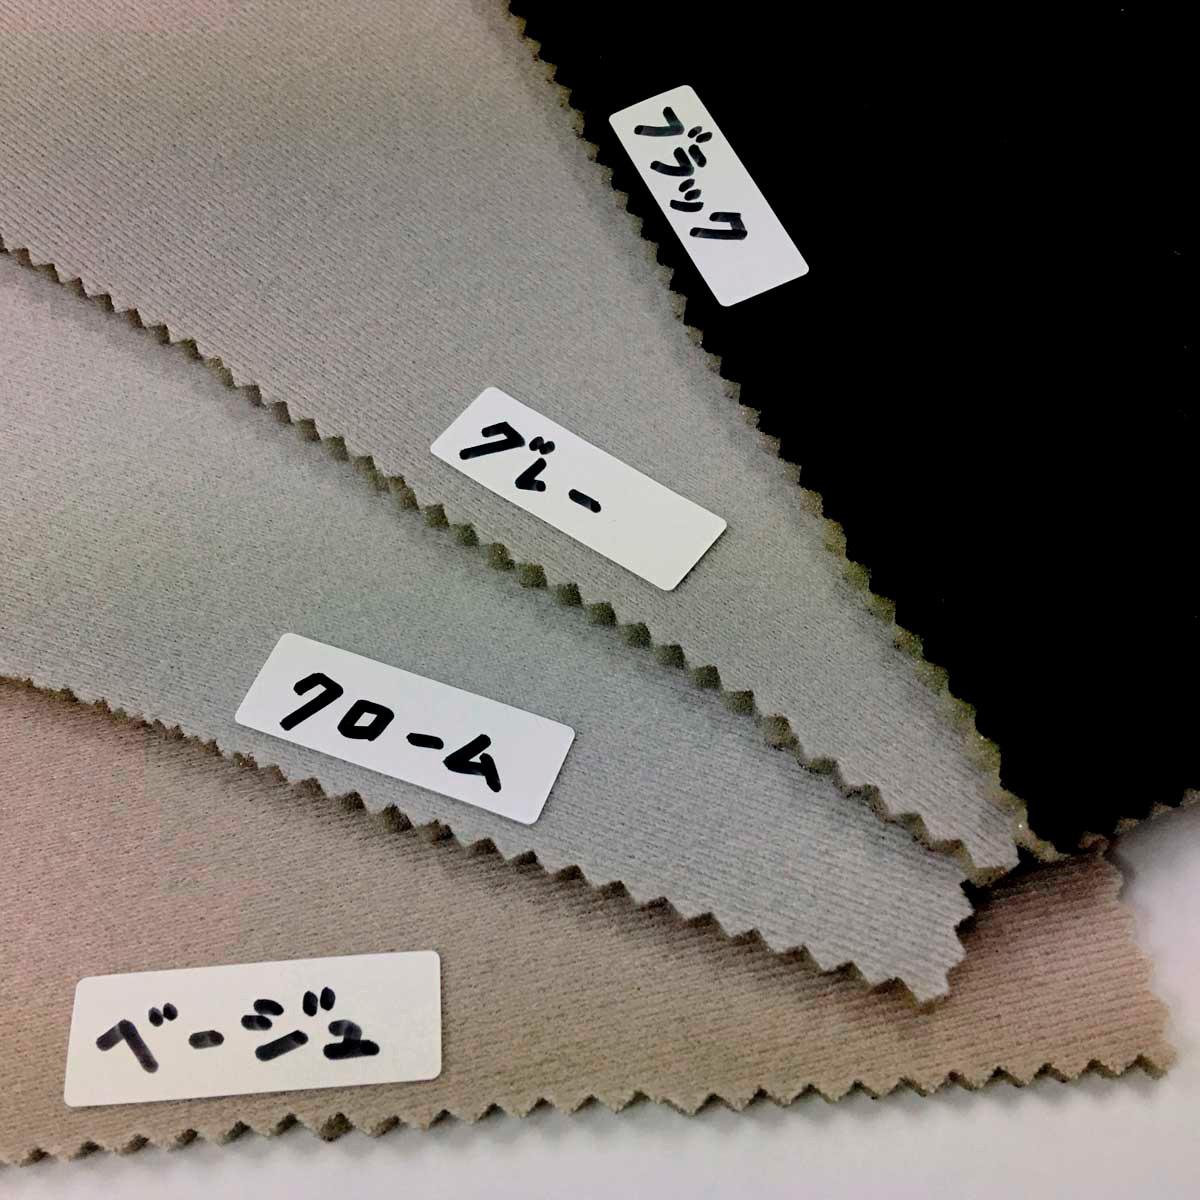 【CI】難燃自動車天井貼用ウレタンフォーム 【ブラック】【厚み3mm】【巾150cm】天井垂れ/天井落ち/内張り張替え/たるみ/ルーフライニング_画像9